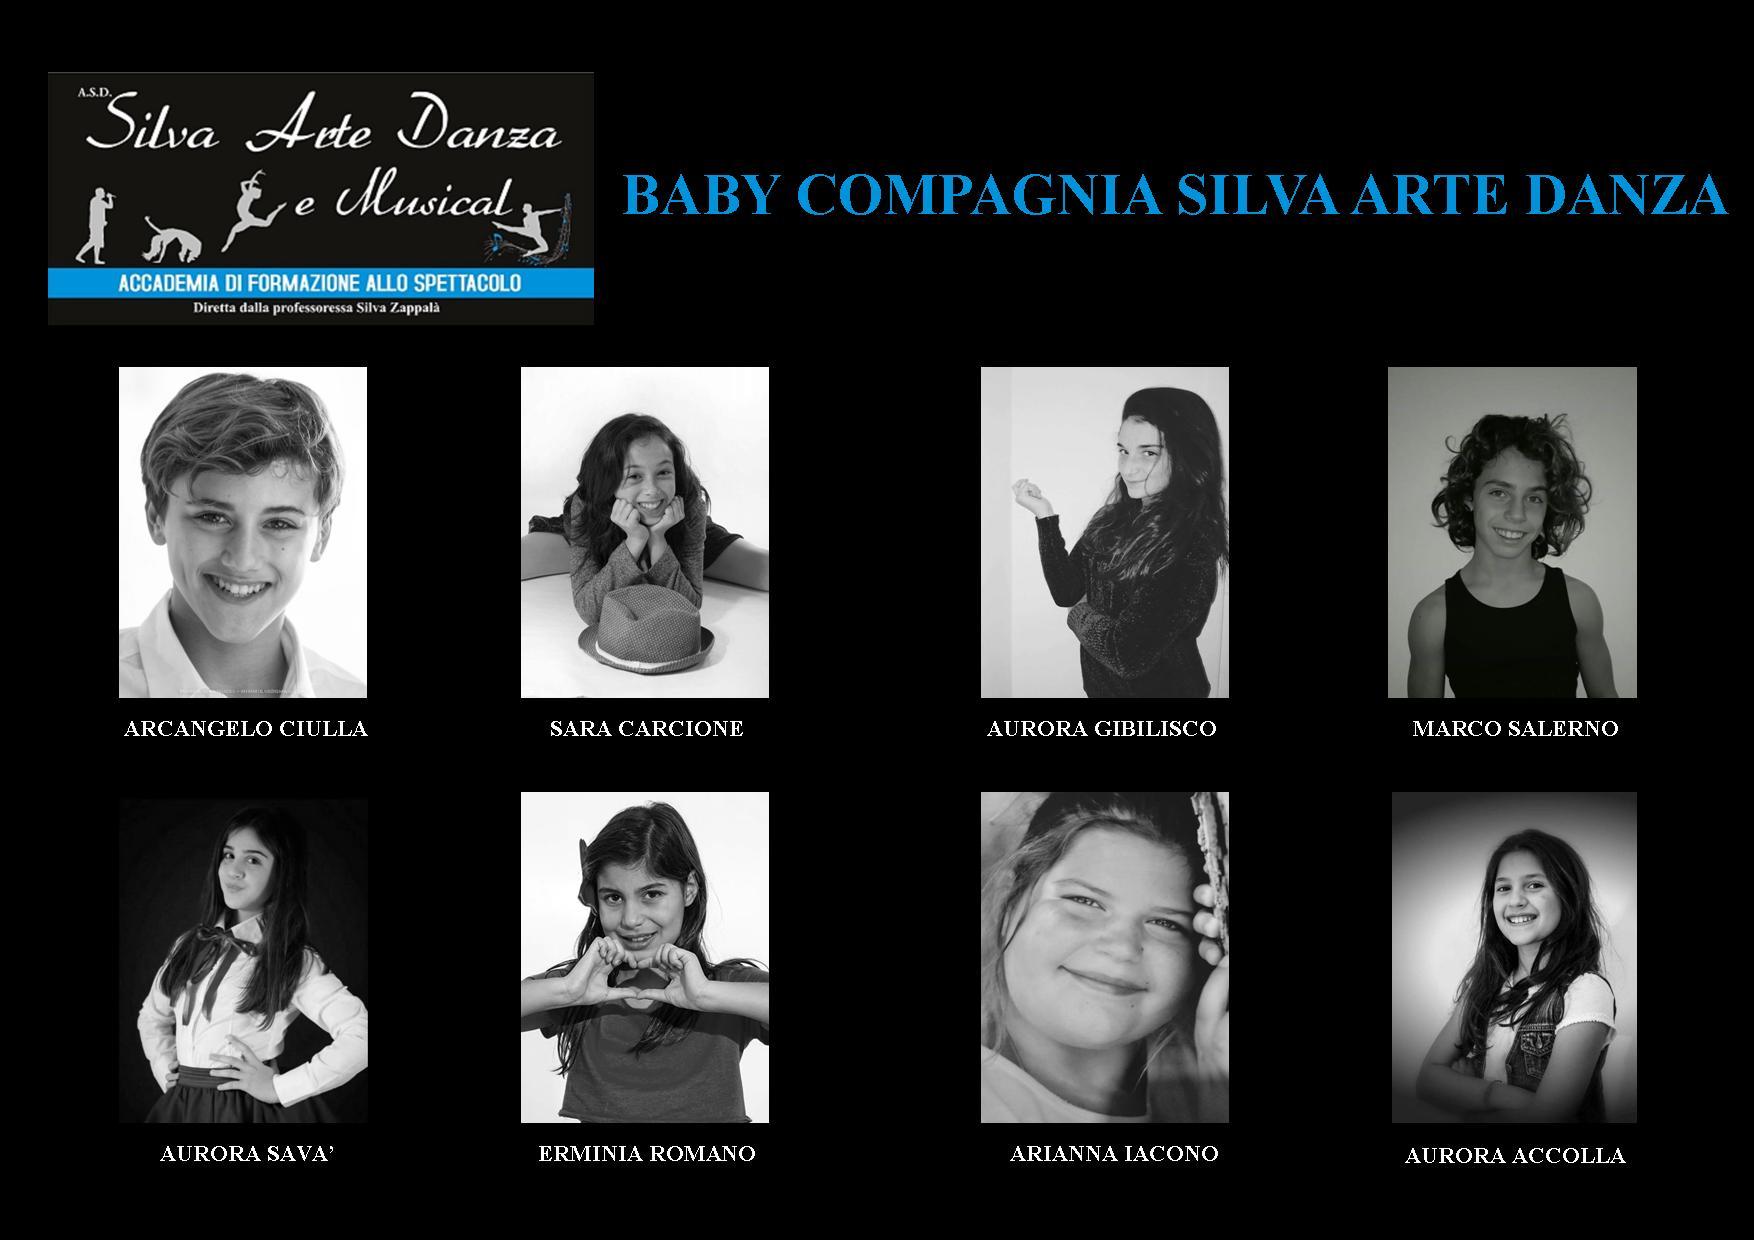 babycompagnia